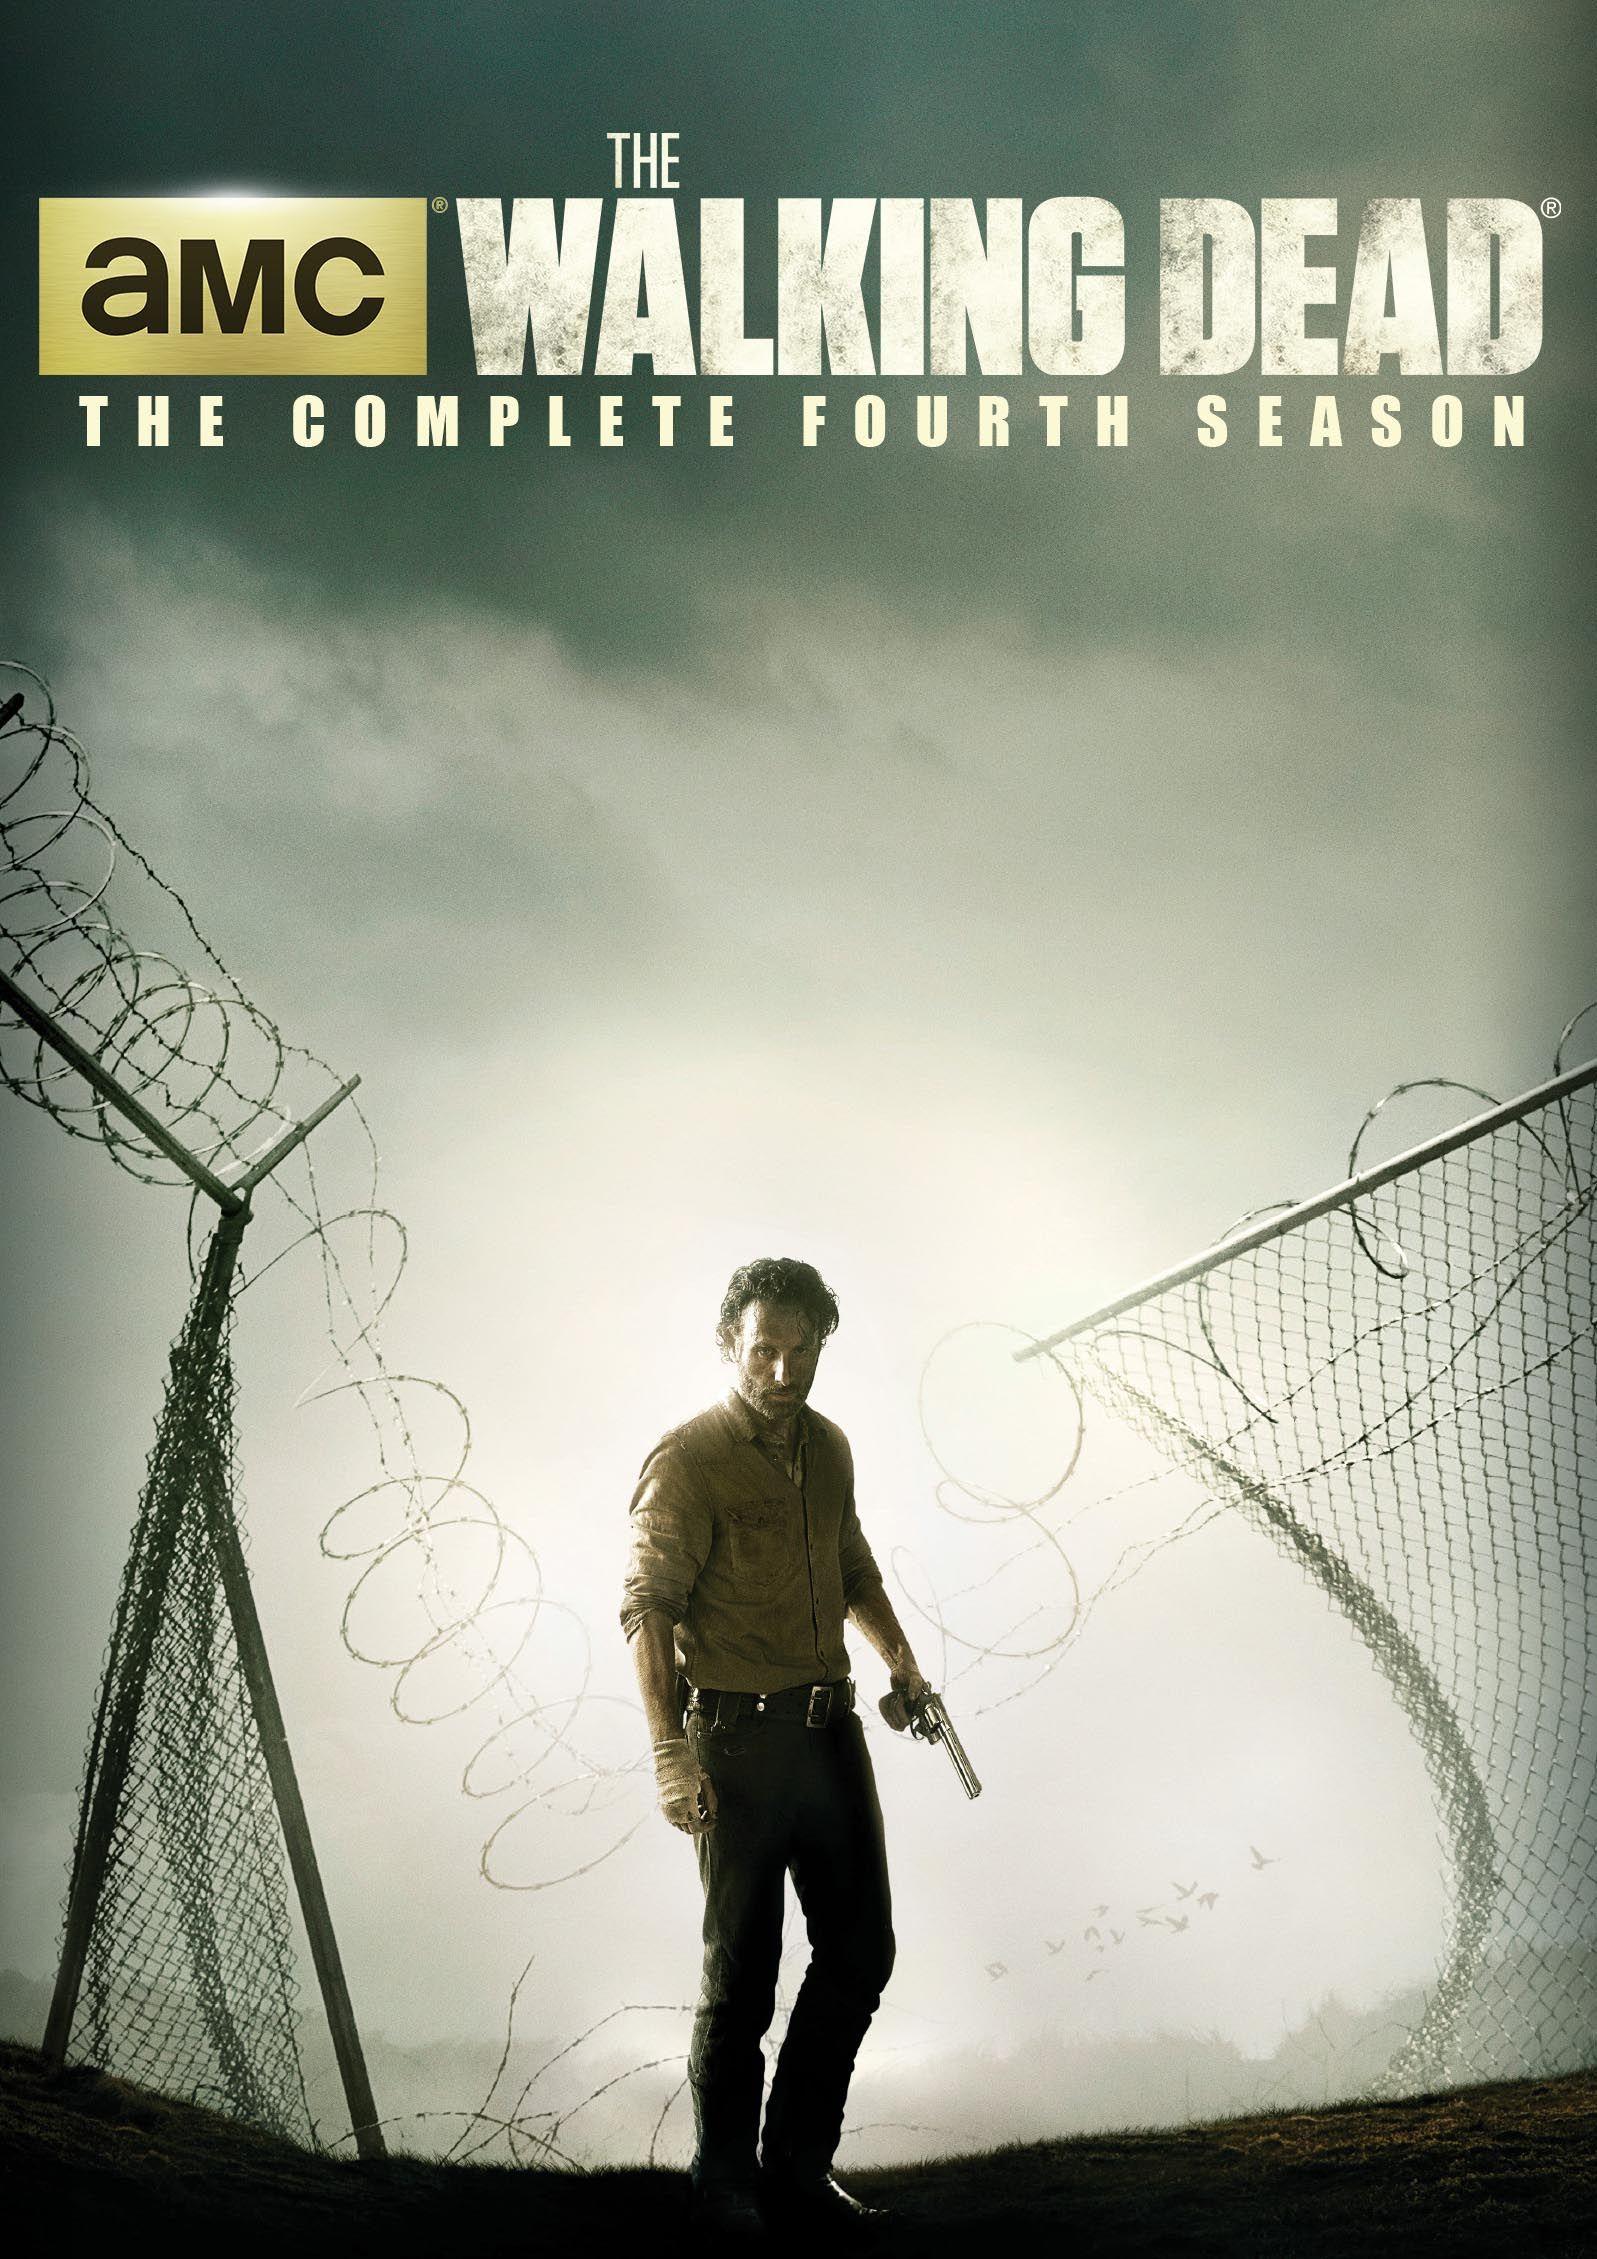 The Walking Dead Season 4 Dvd Overstock Com Shopping The Best Deals On General The Walking Dead Walking Dead Season 4 Walking Dead Season